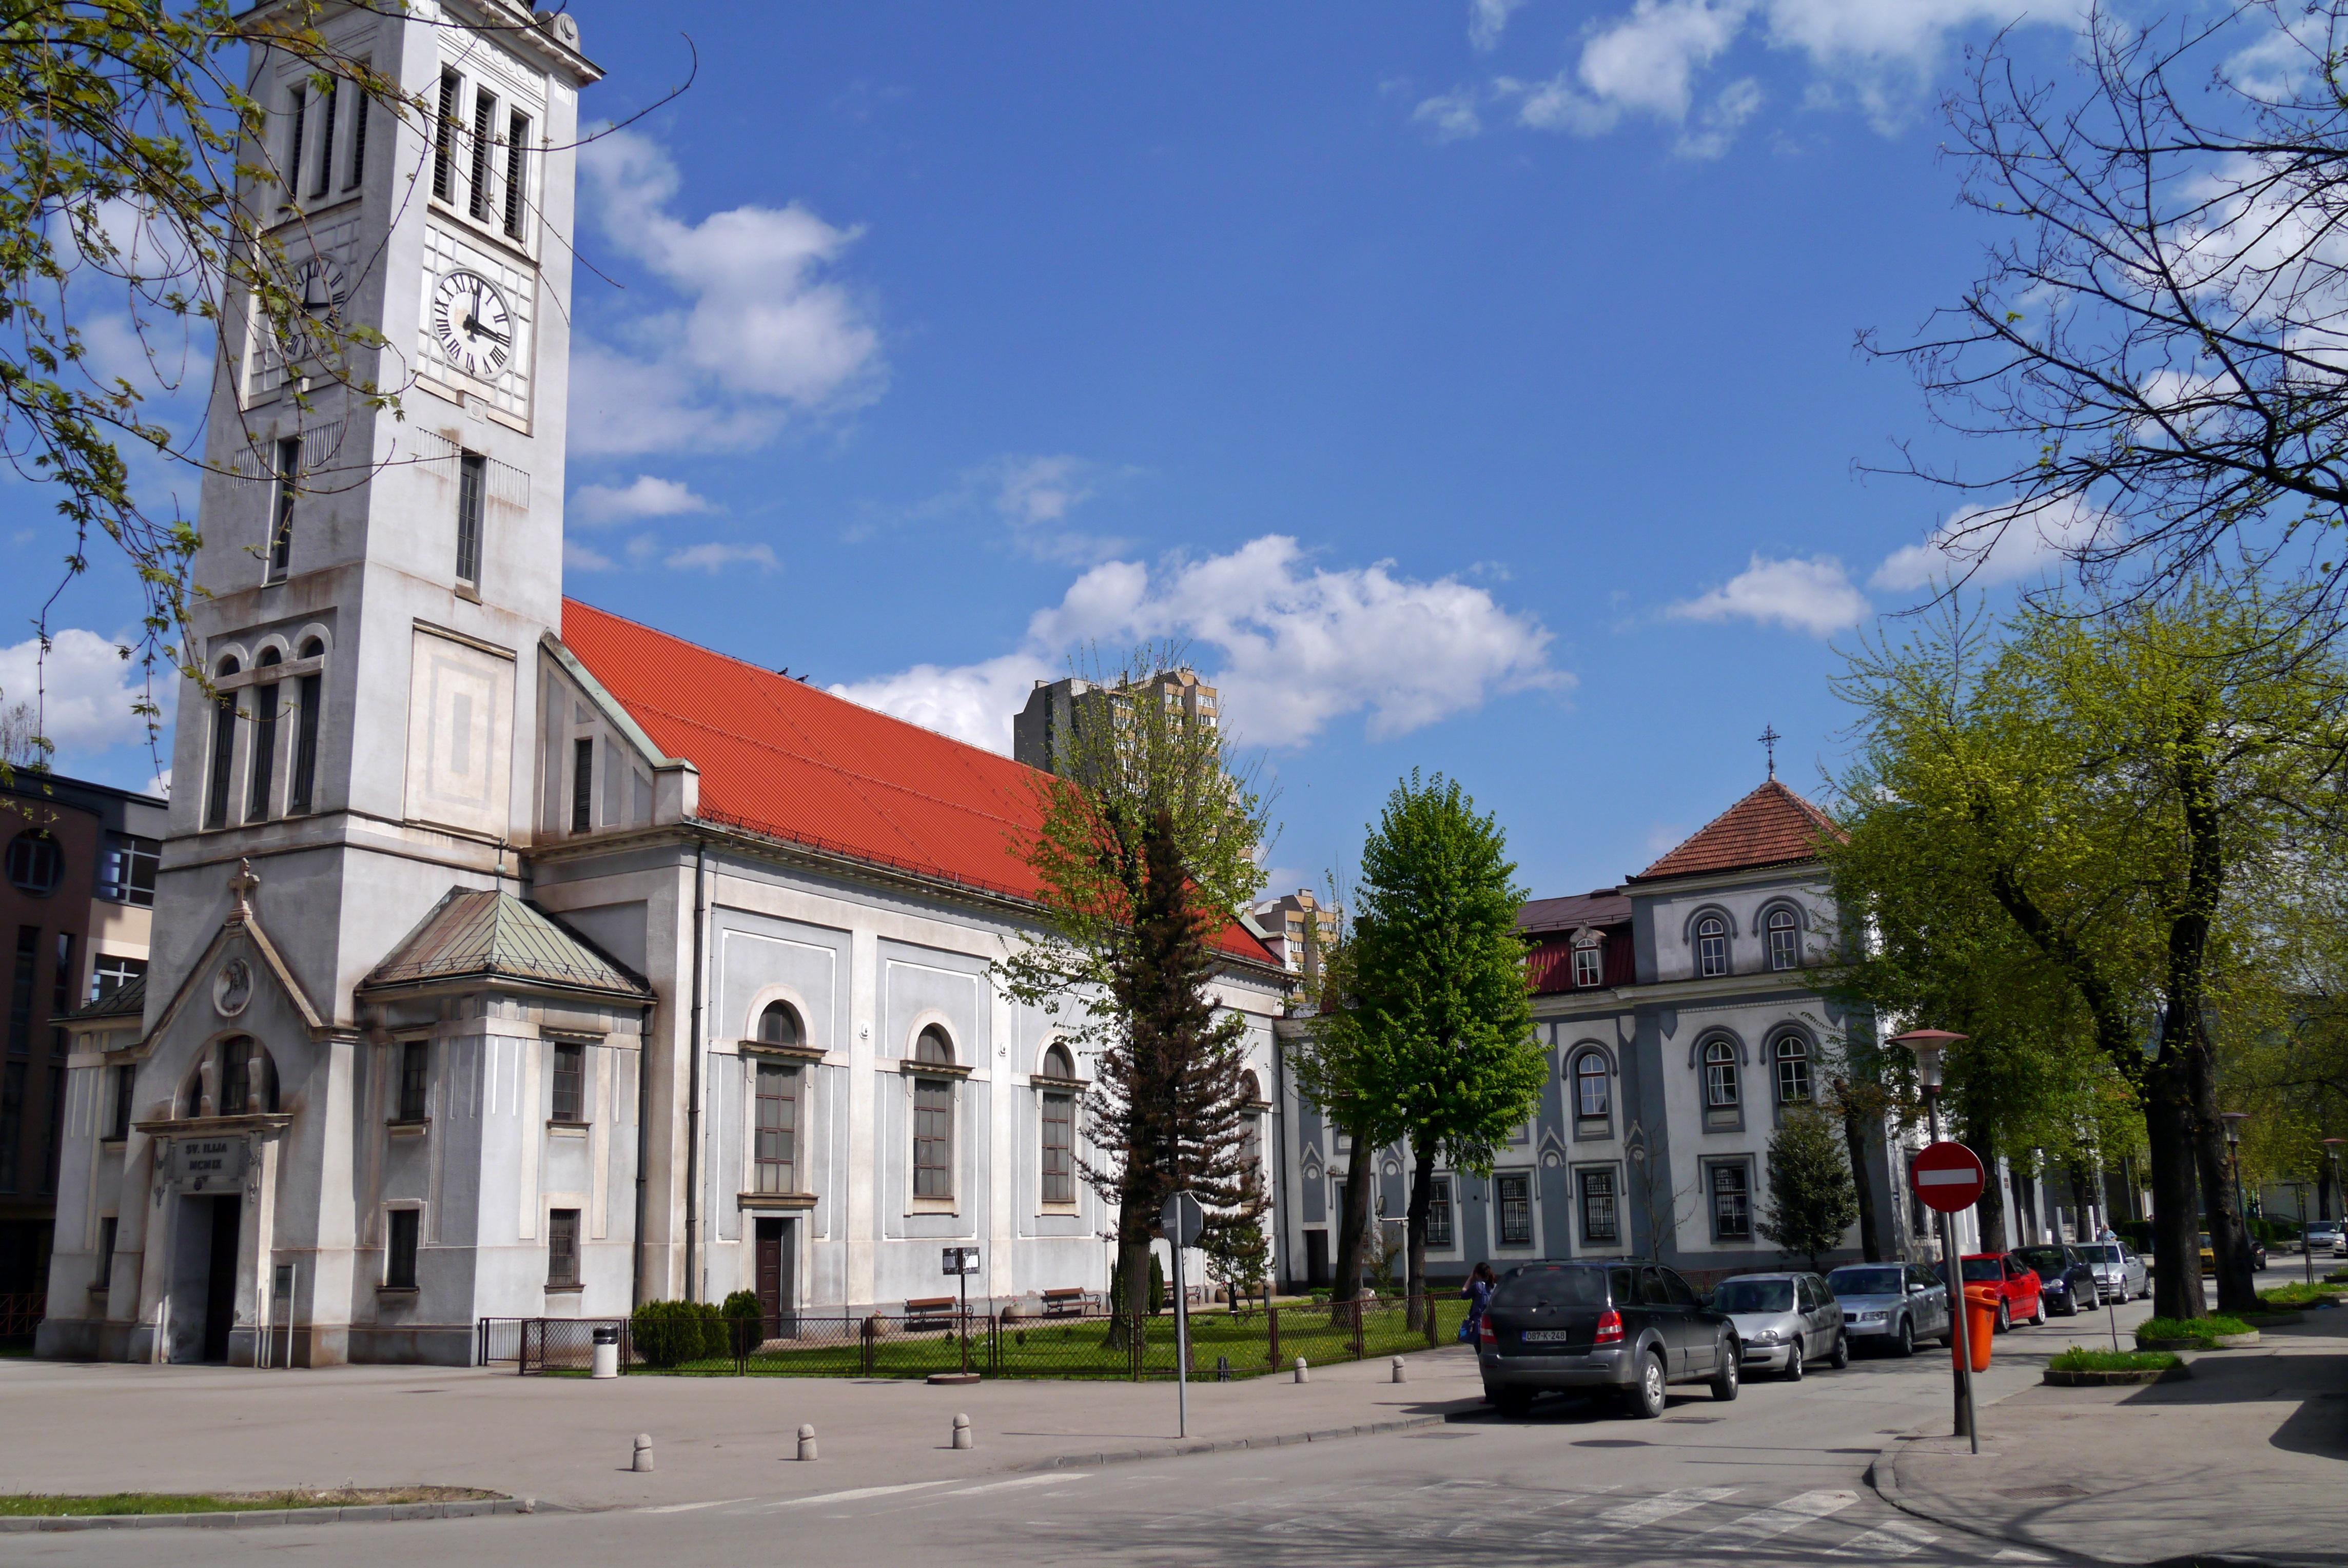 Crkva Svetog Ilije u Zenici — Vikipedija, slobodna enciklopedija